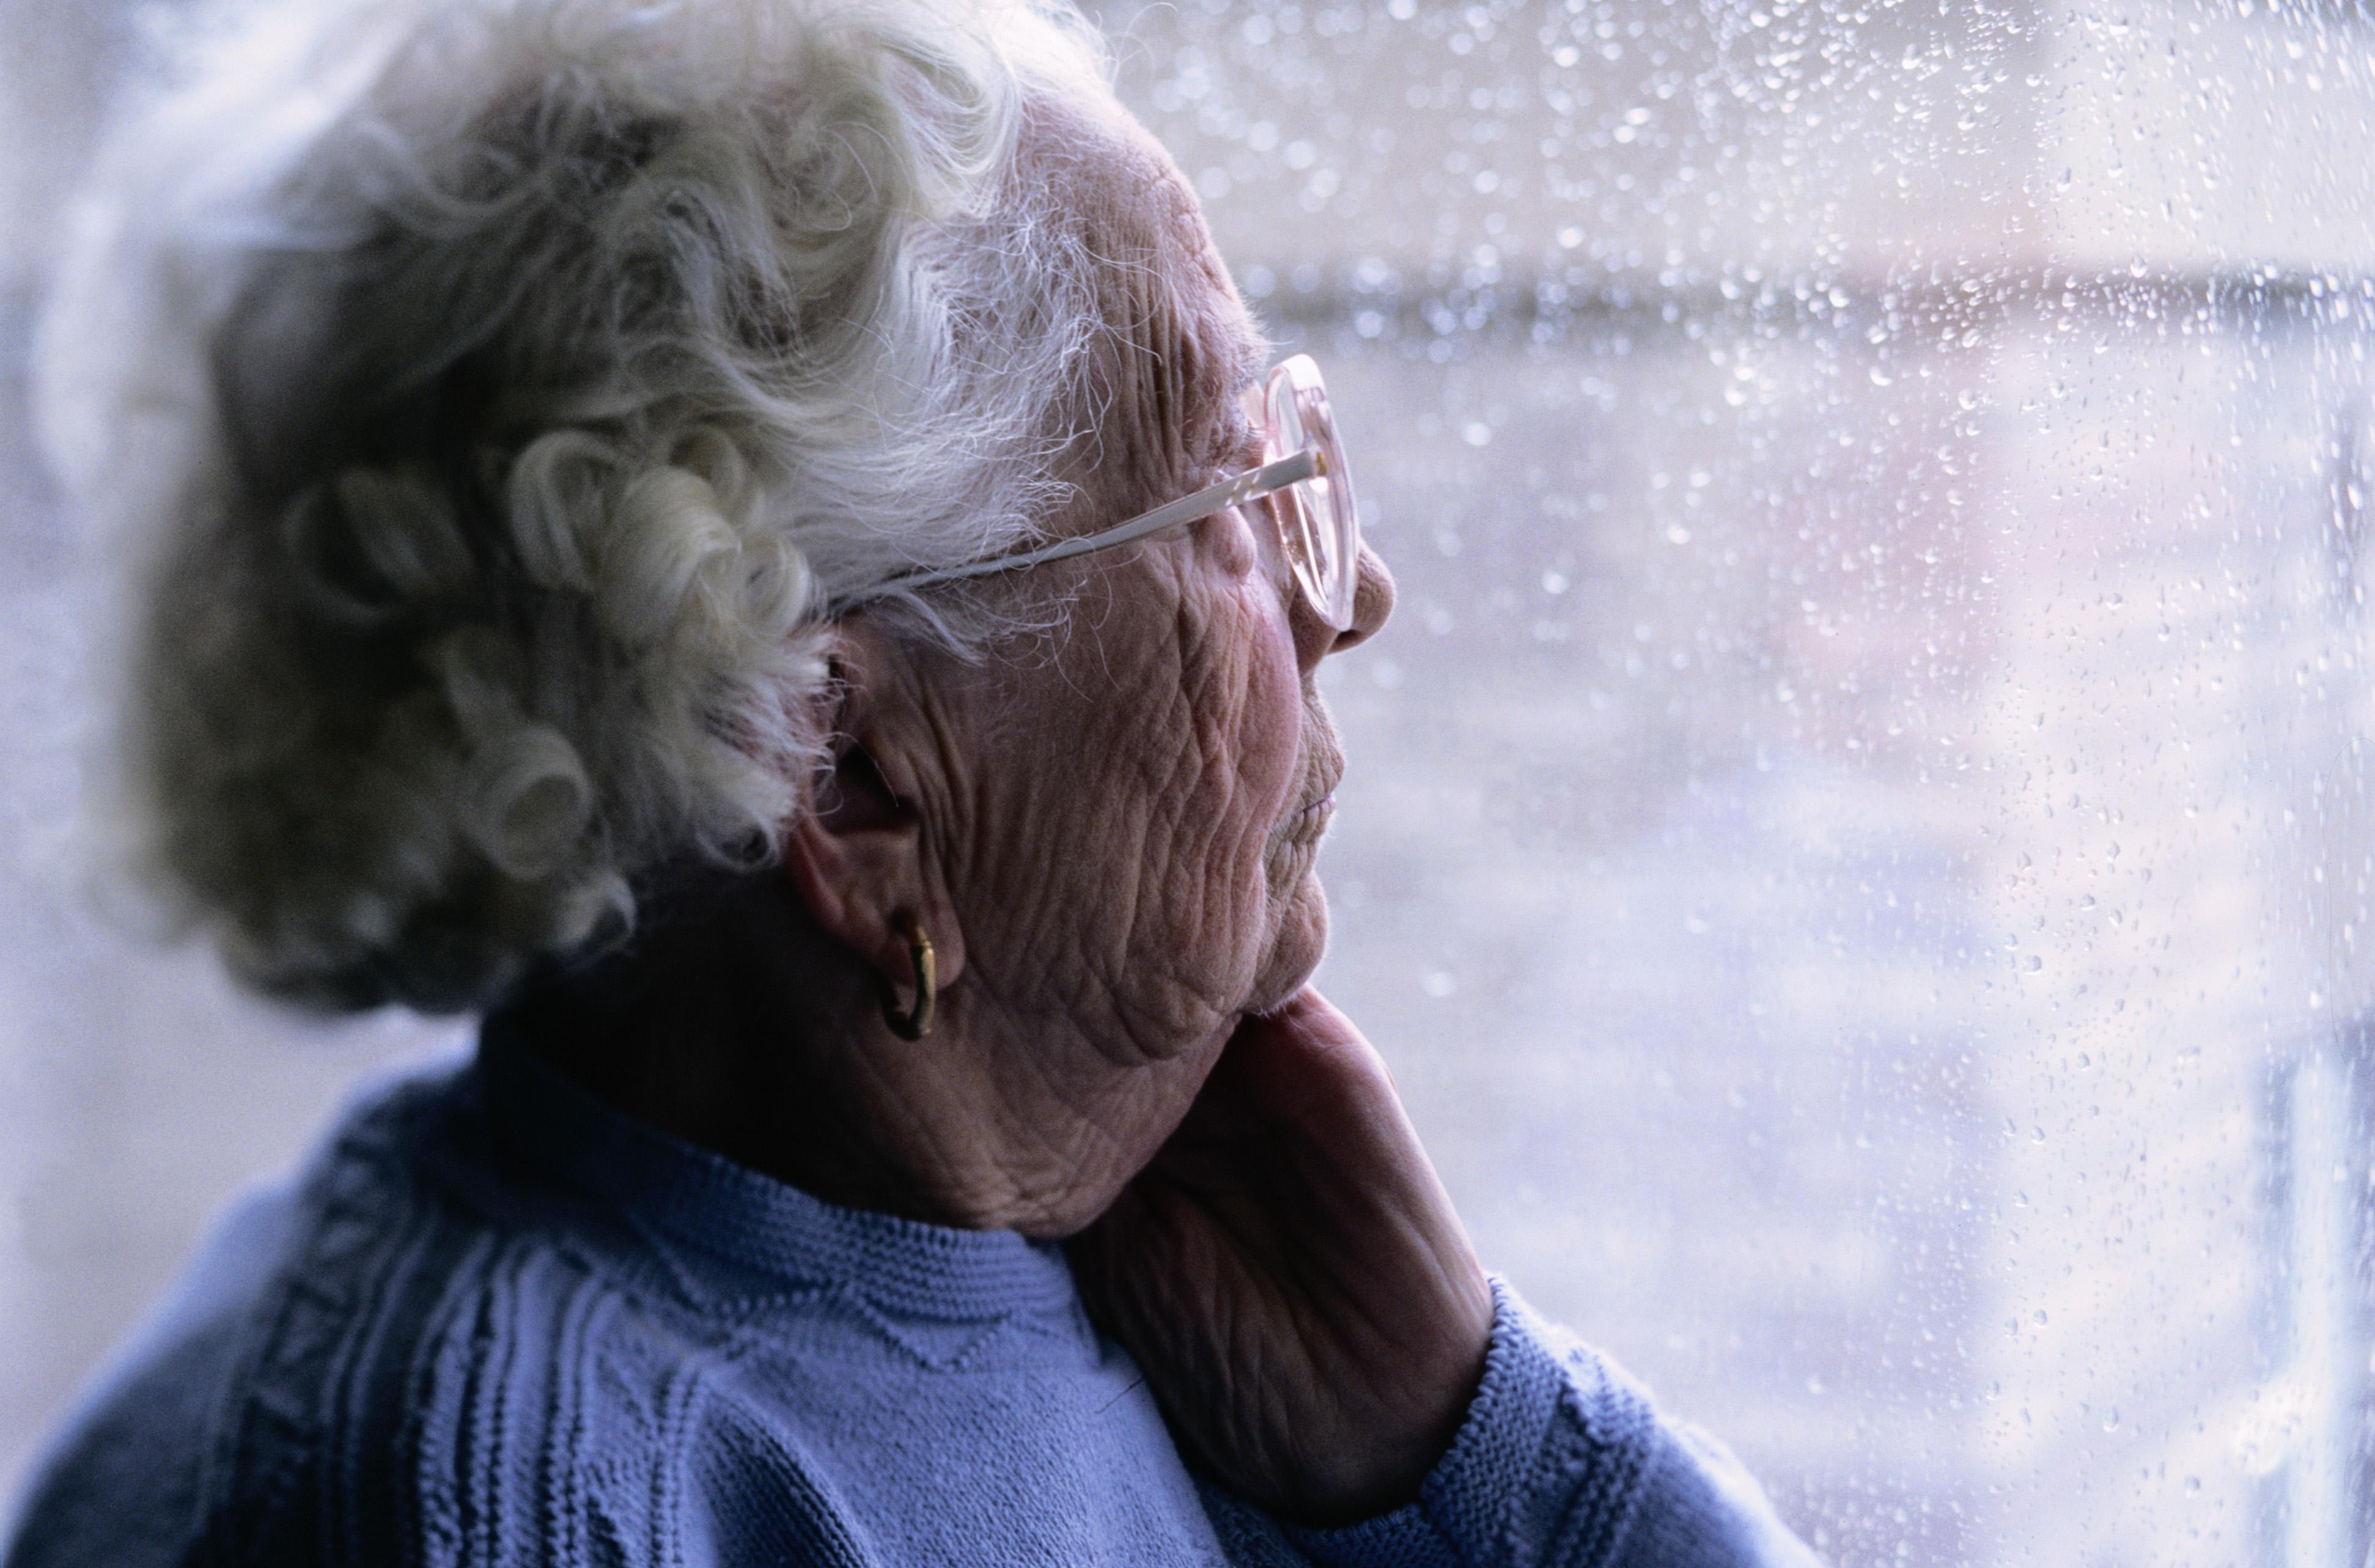 Un medicamento para la epilepsia podría ayudar a tratar la enfermedad de Alzheimer